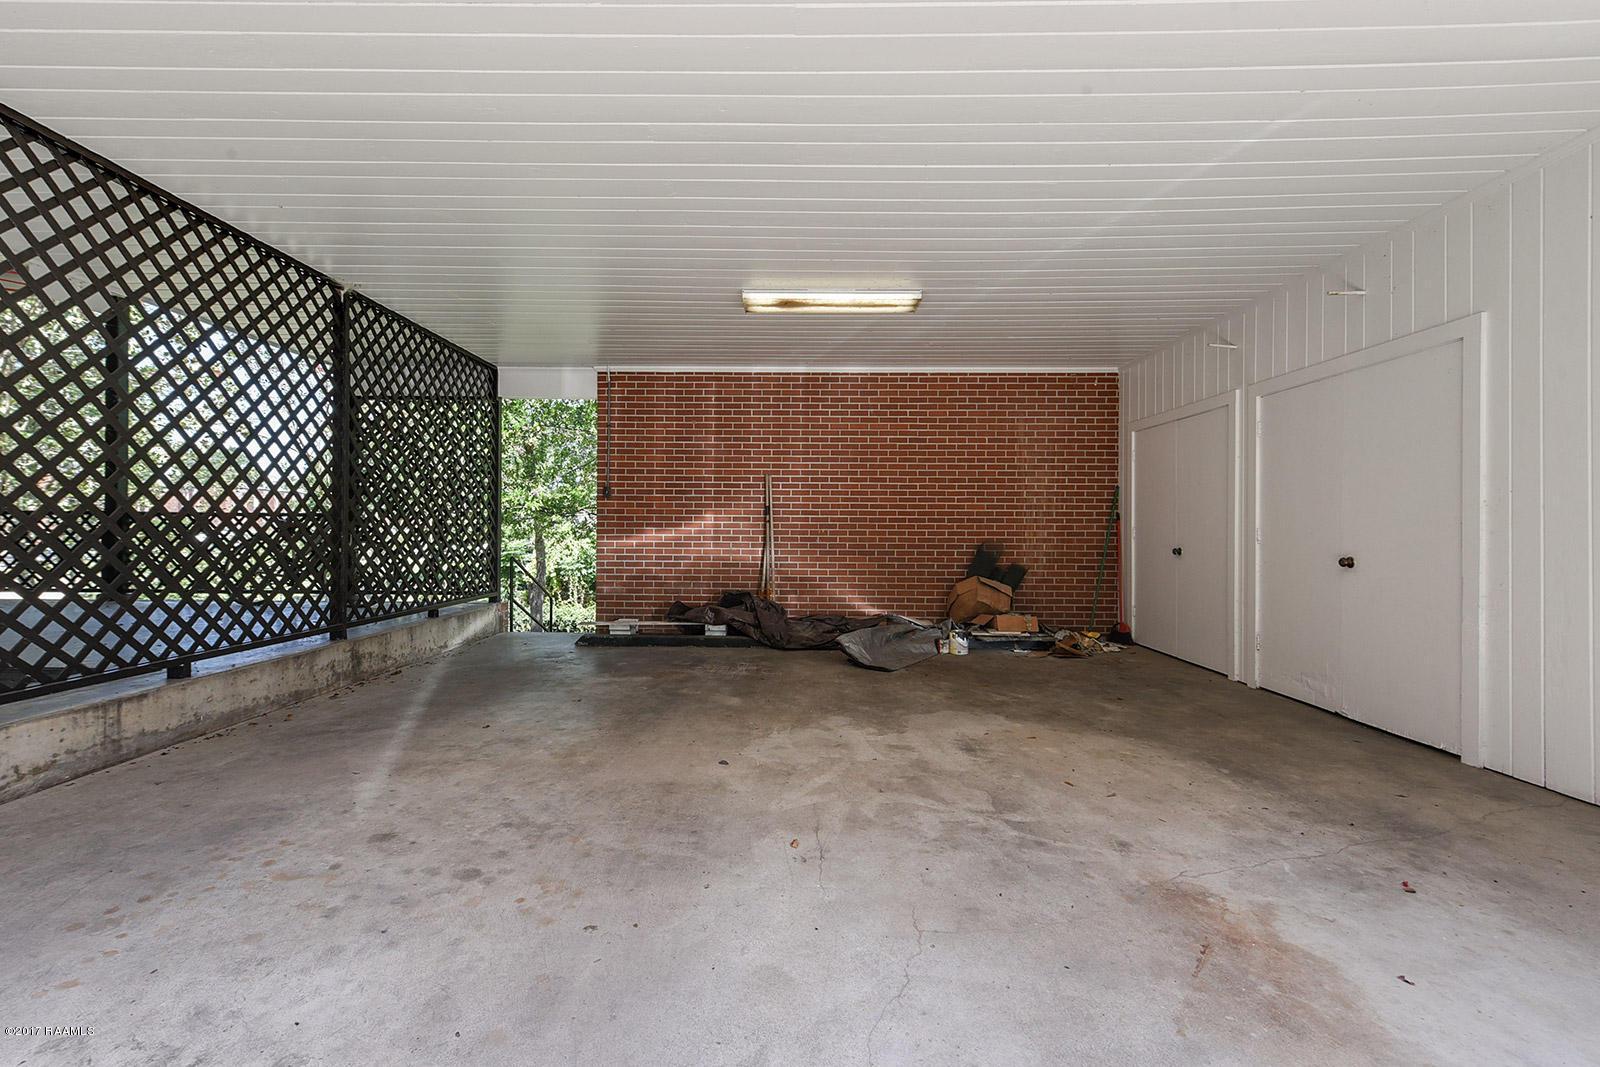 145 Girard Woods Drive, Lafayette, LA 70503 Photo #23